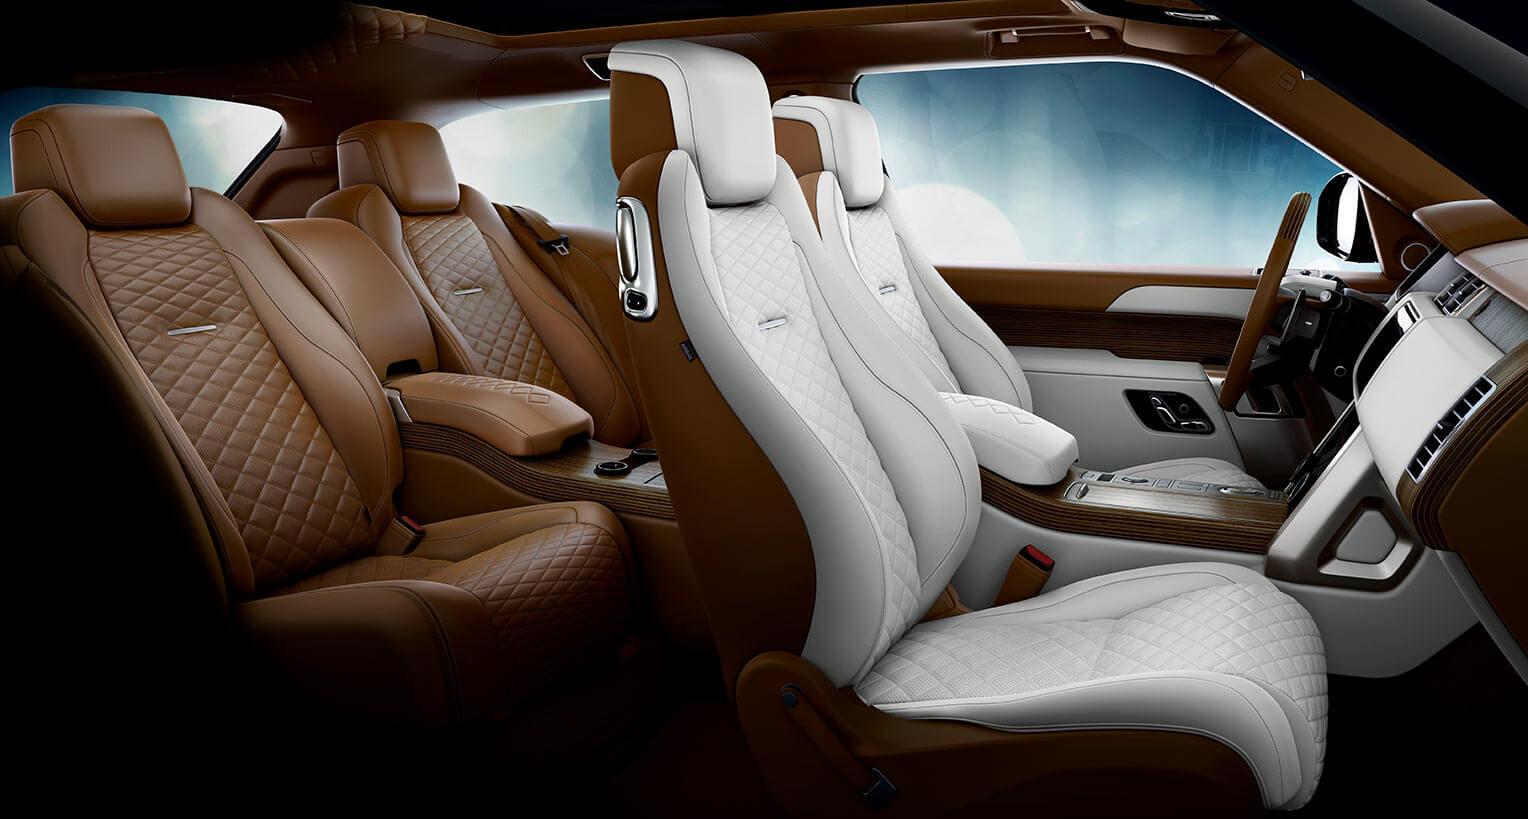 Range Rover SV Coupe interior